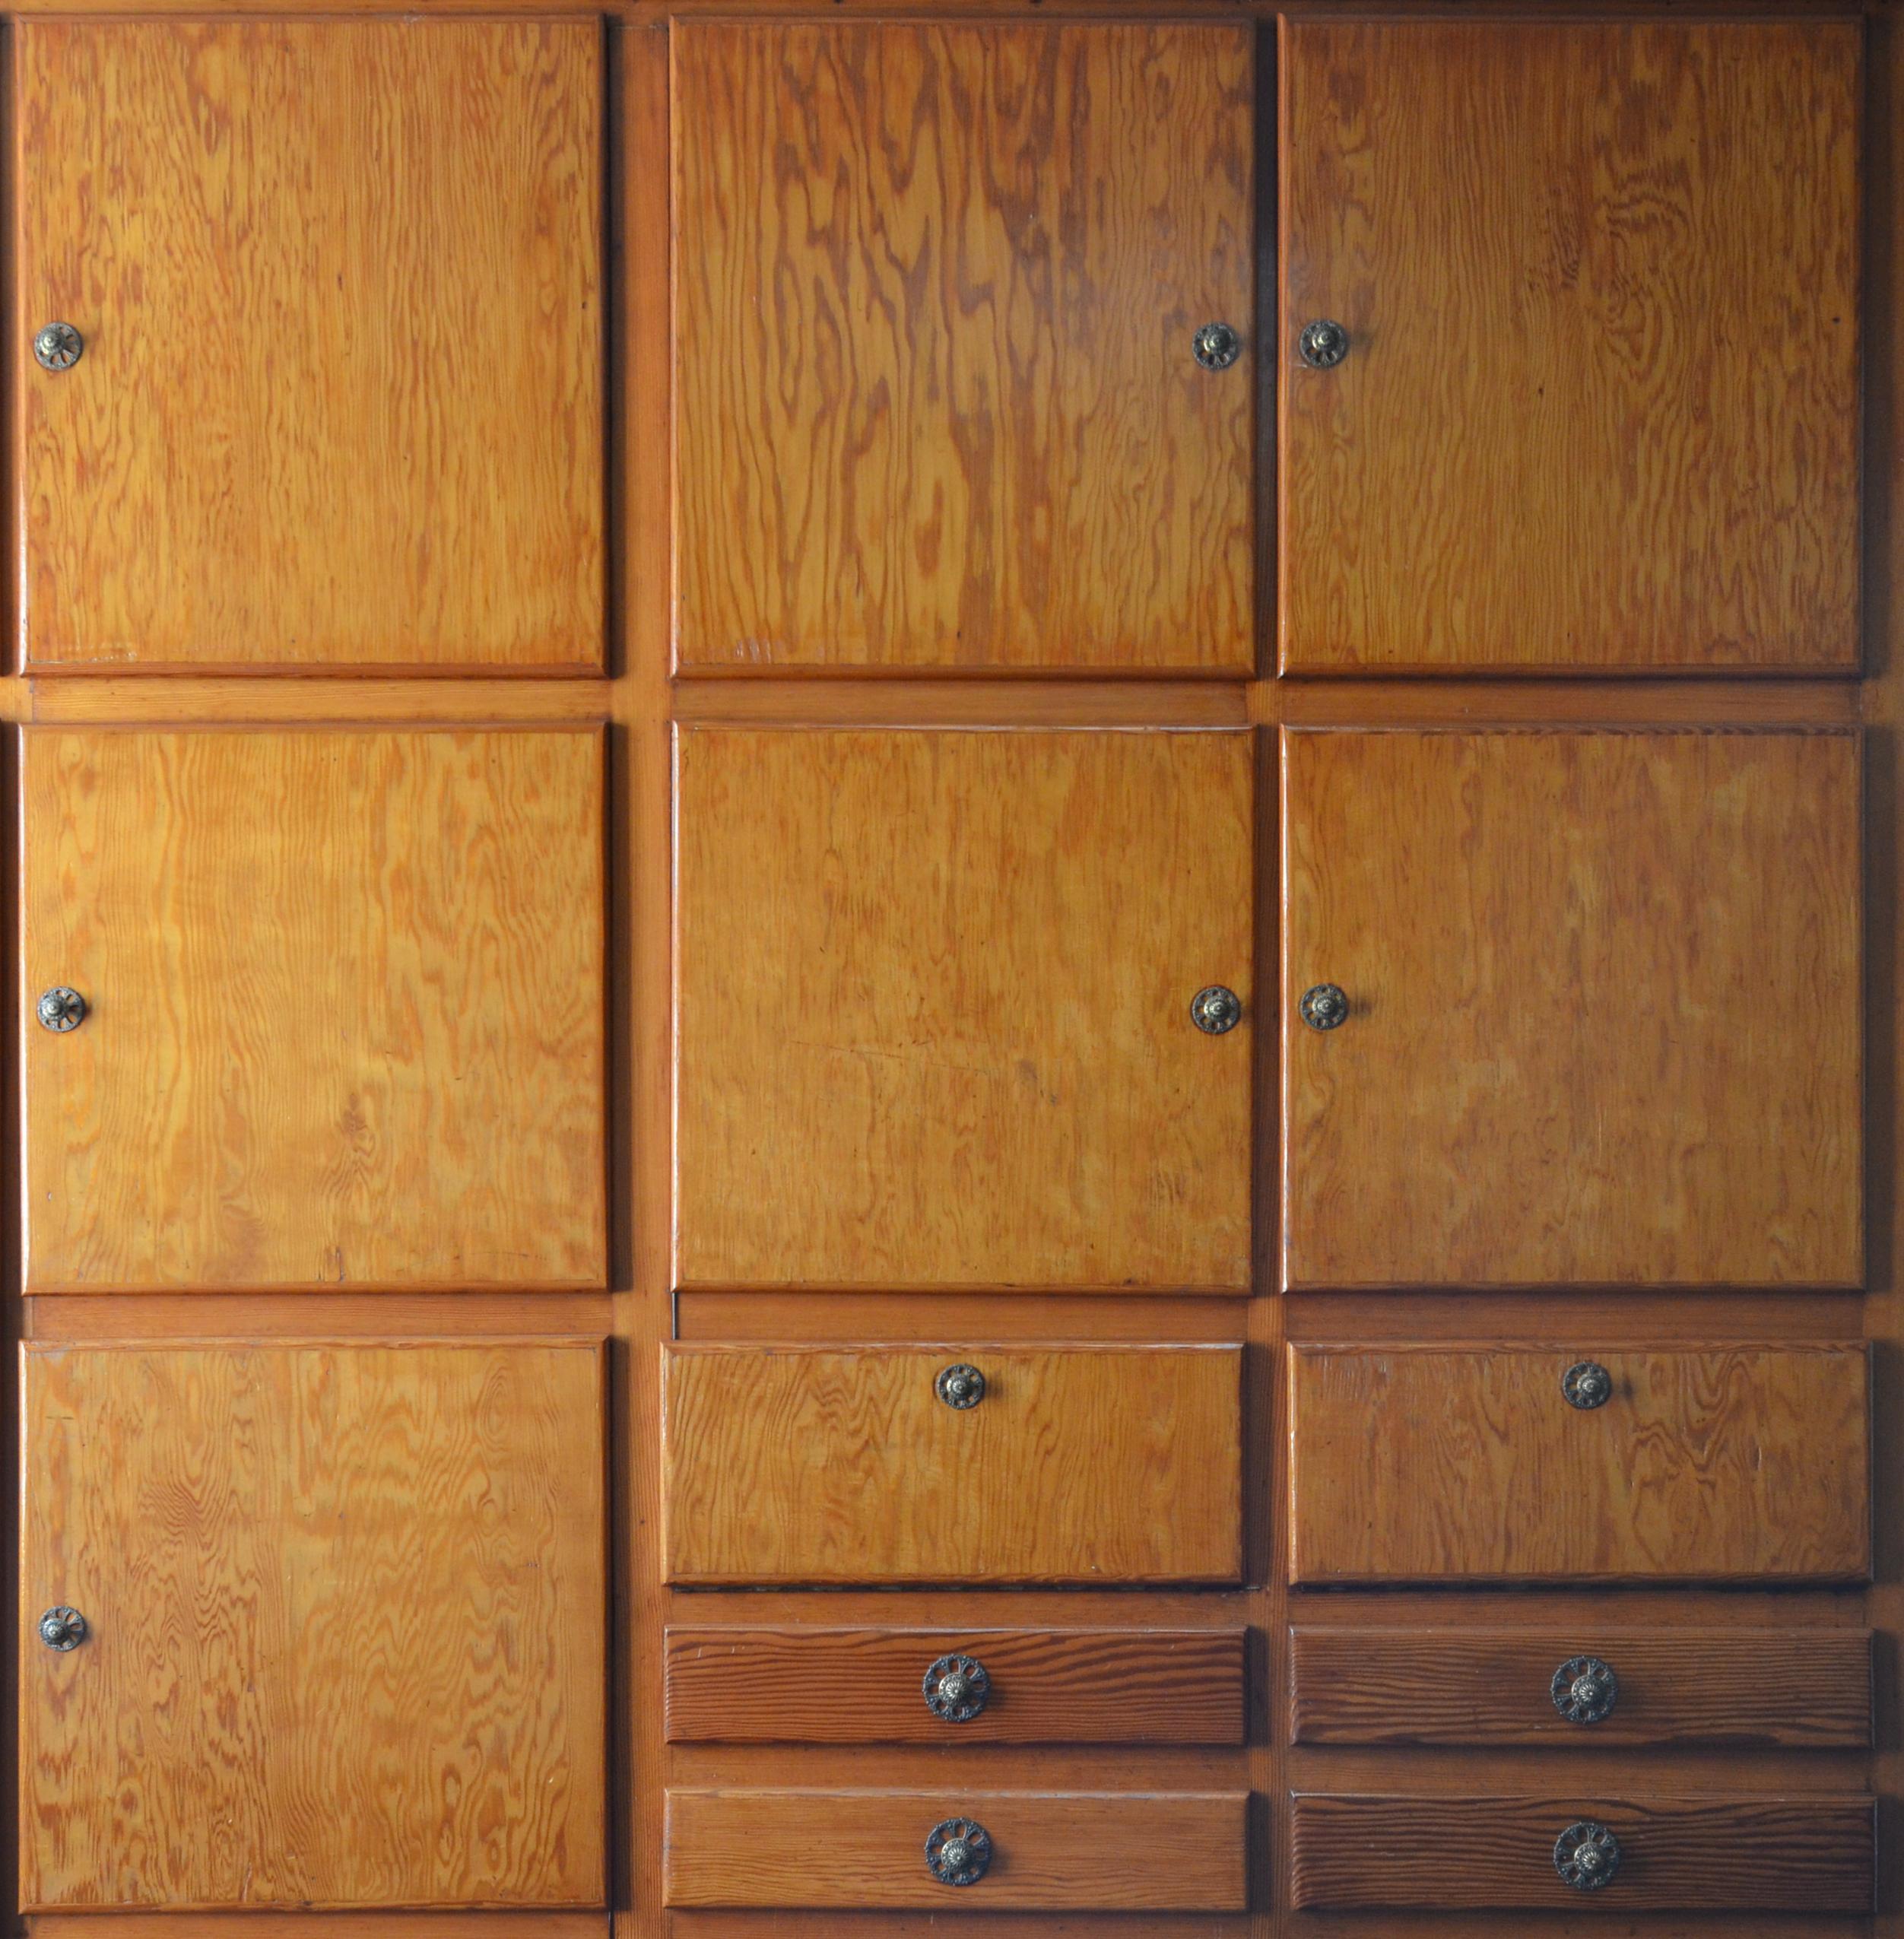 File:Cuisine - Charleroi - meuble artisanal de rangement - début